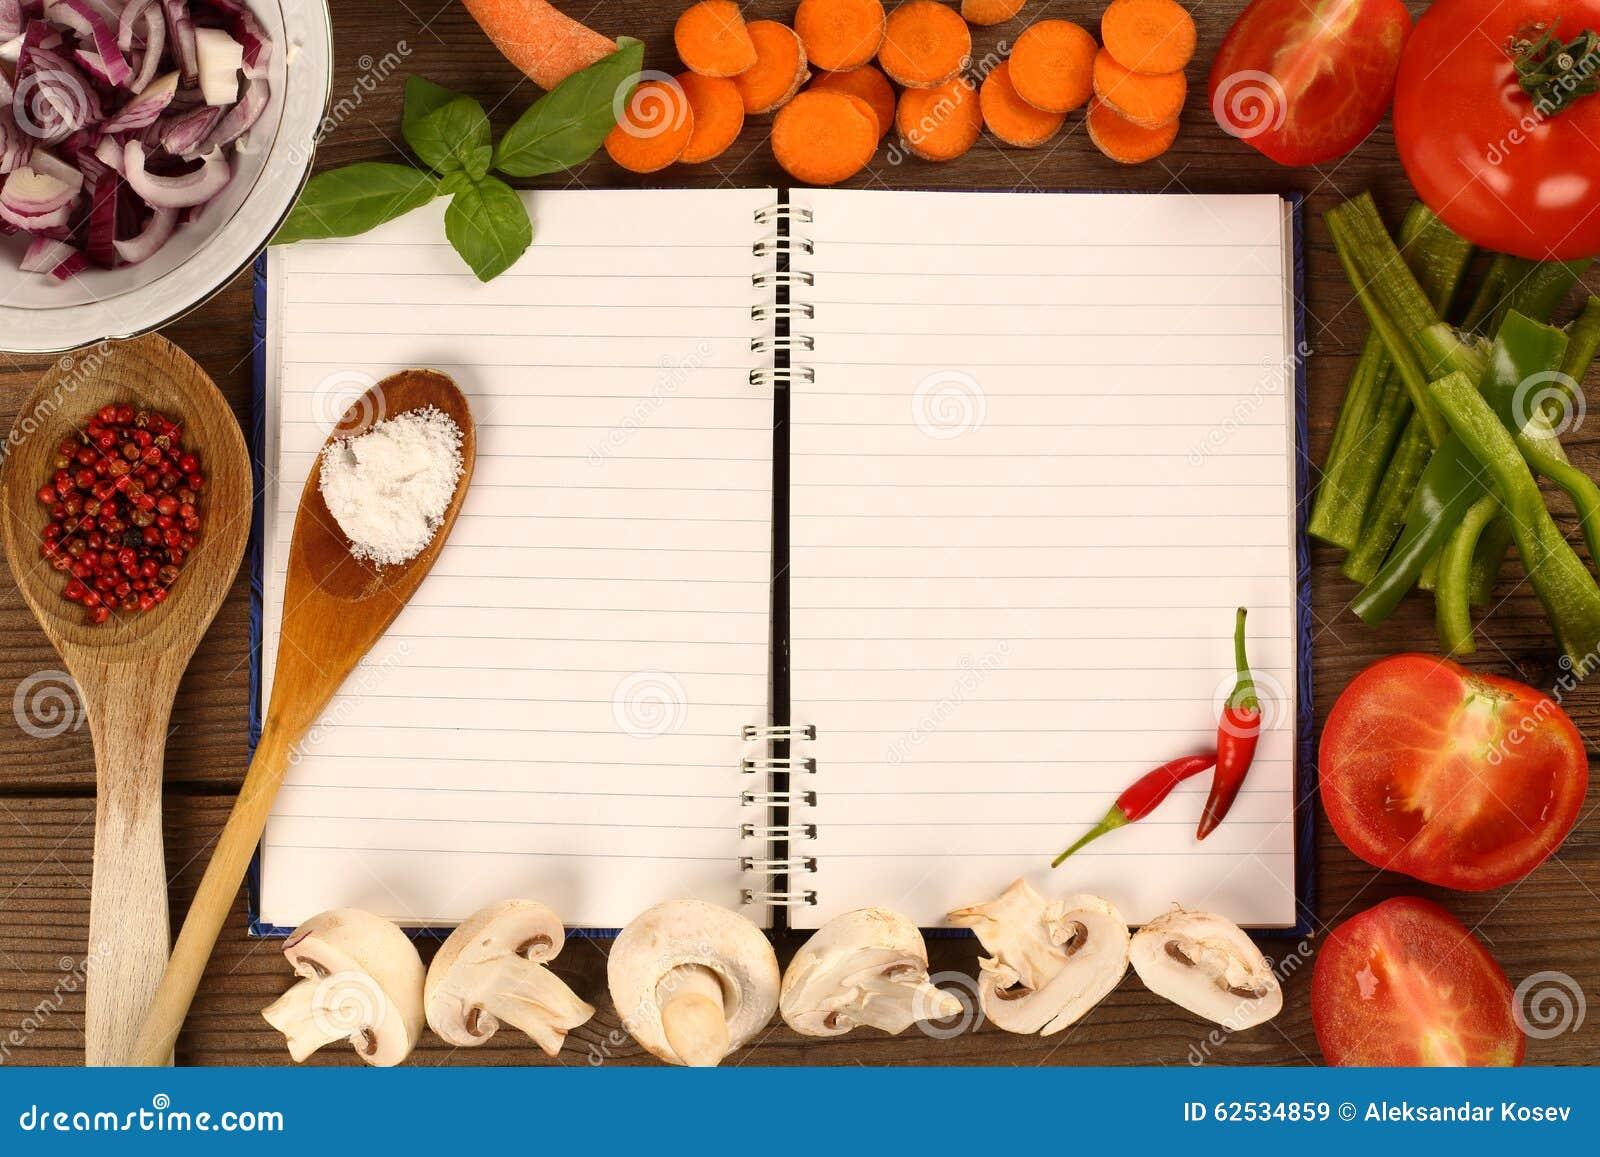 空白书食谱